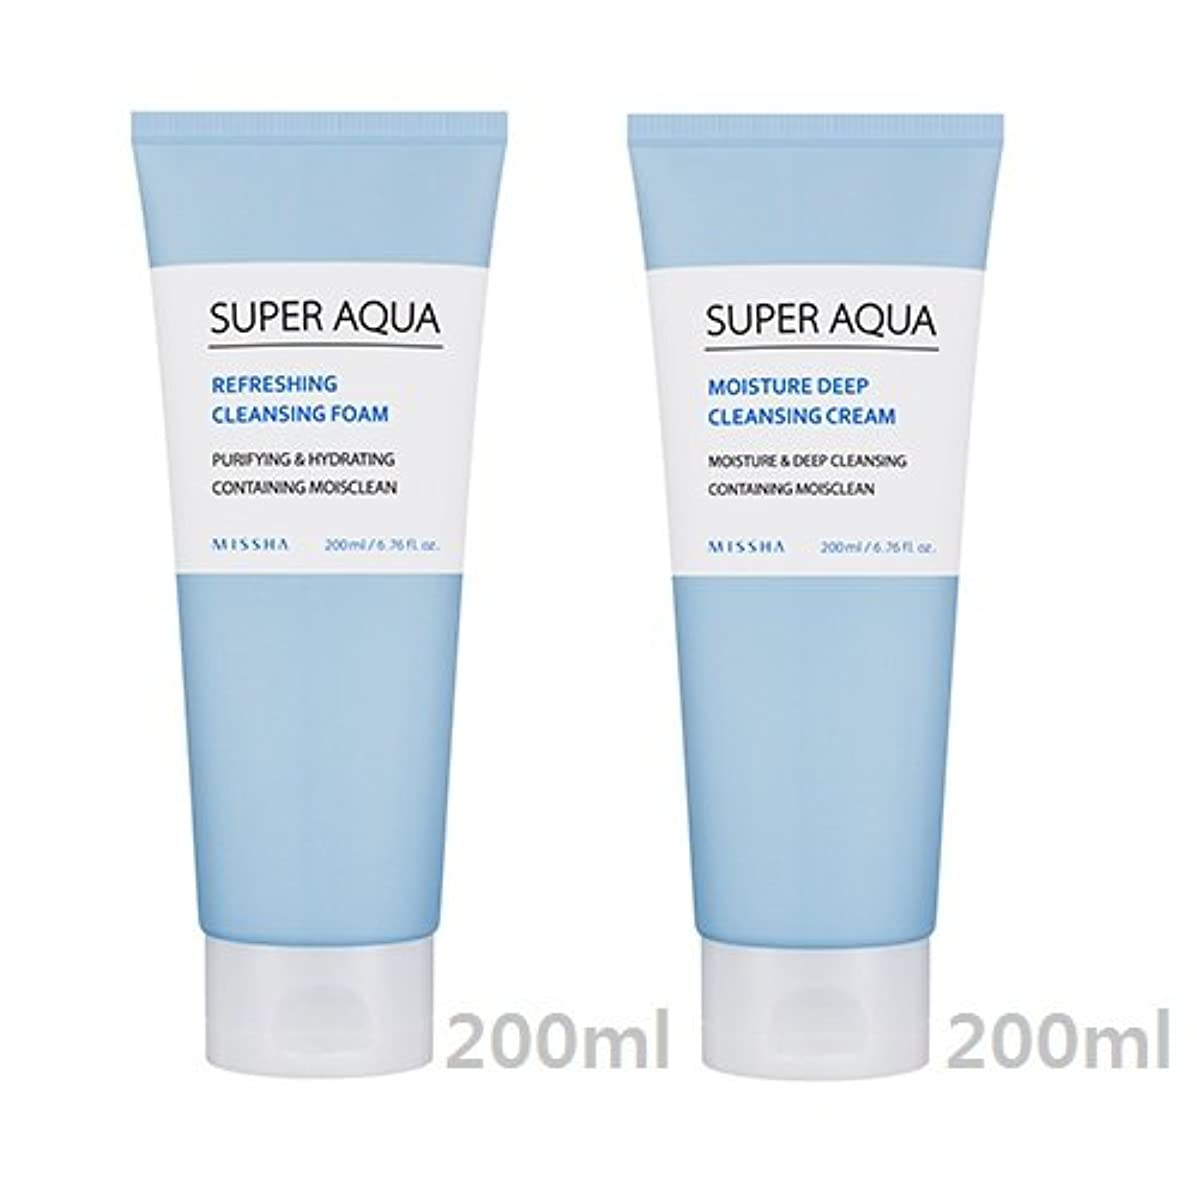 ムスタチオ移植下に[1+1] MISSHA Super Aqua Cleansing Cream + Foam/ミシャ スーパー アクア クレンジング クリーム + フォーム [並行輸入品]